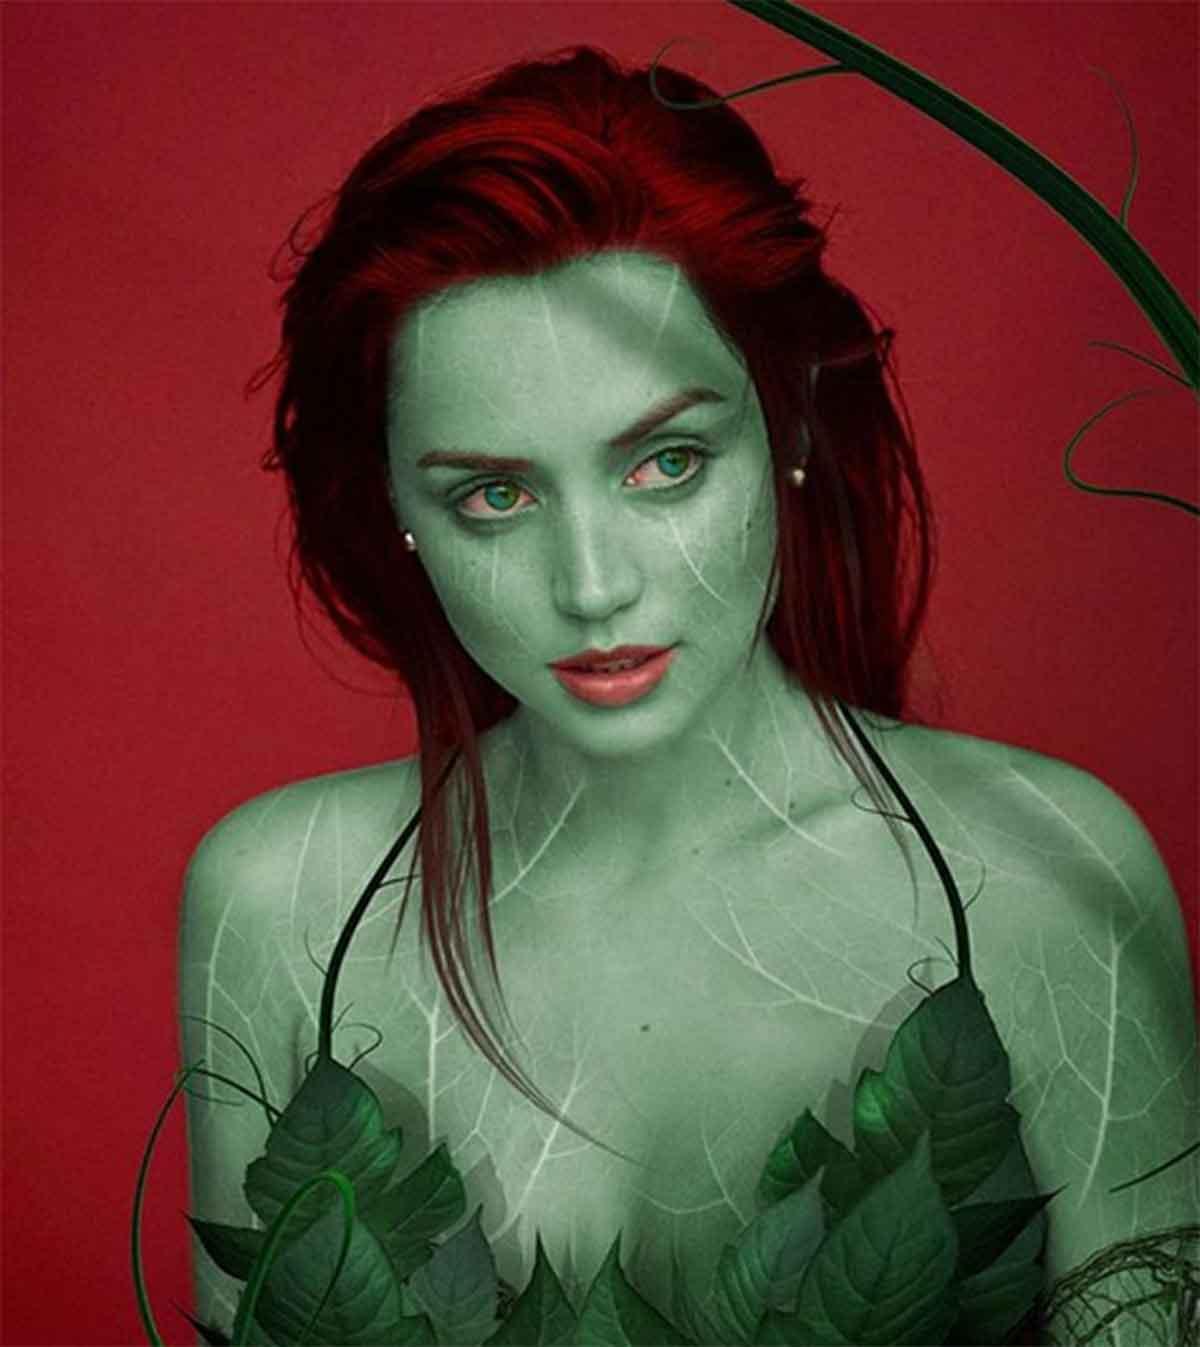 Espectacular Fan Art de Ana de Armas como Hiedra Venenosa (Poison Ivy)